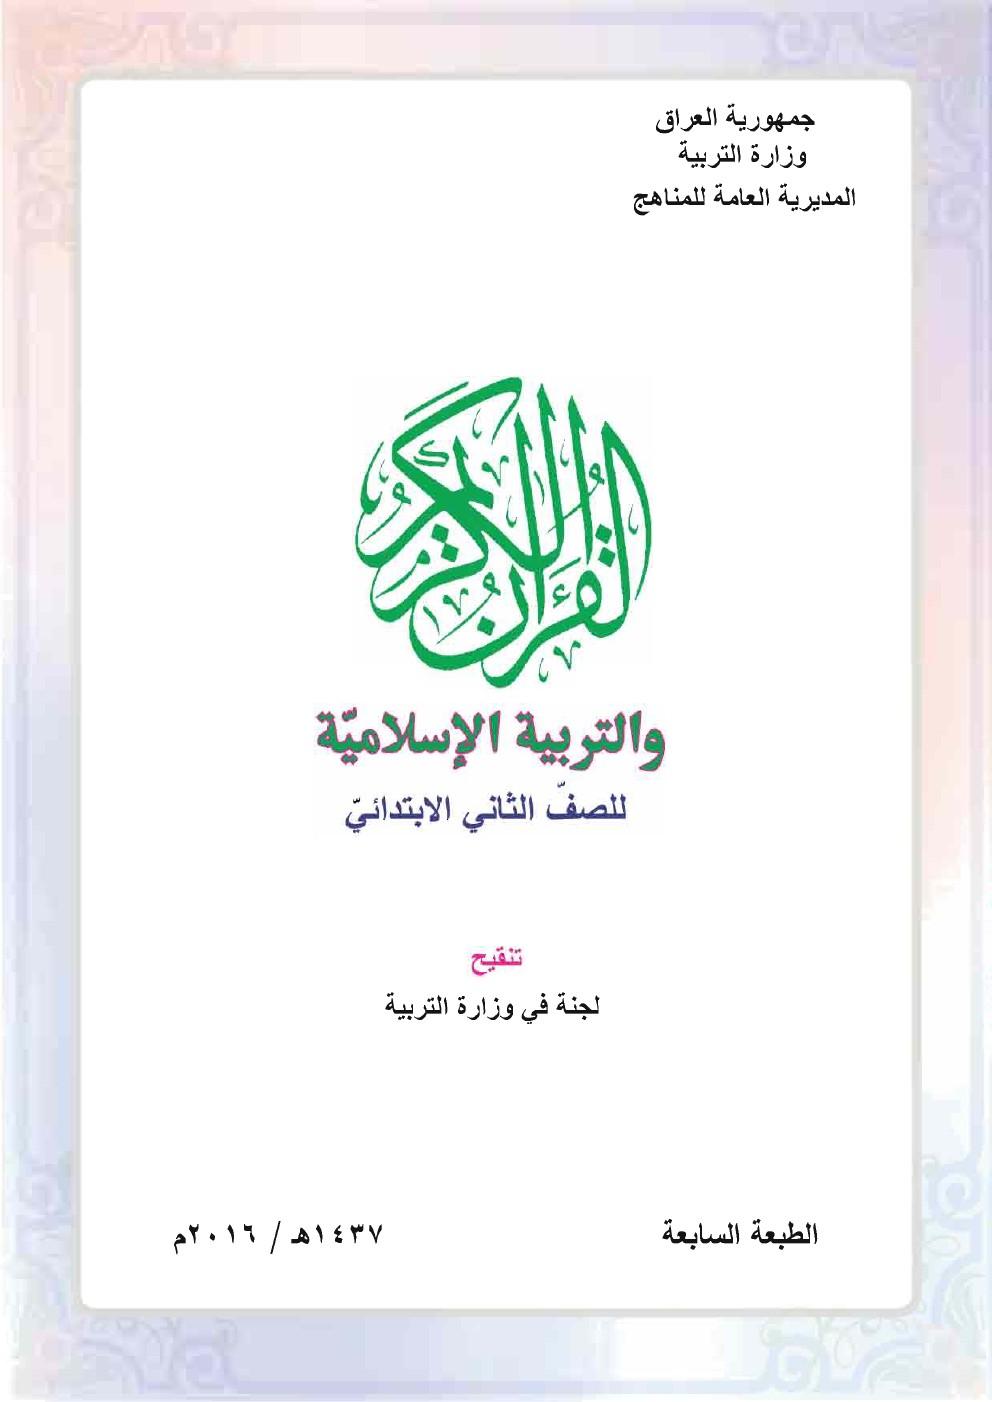 كتاب القران والاسلامية للصف الثاني الابتدائي المنهج الجديد 2016